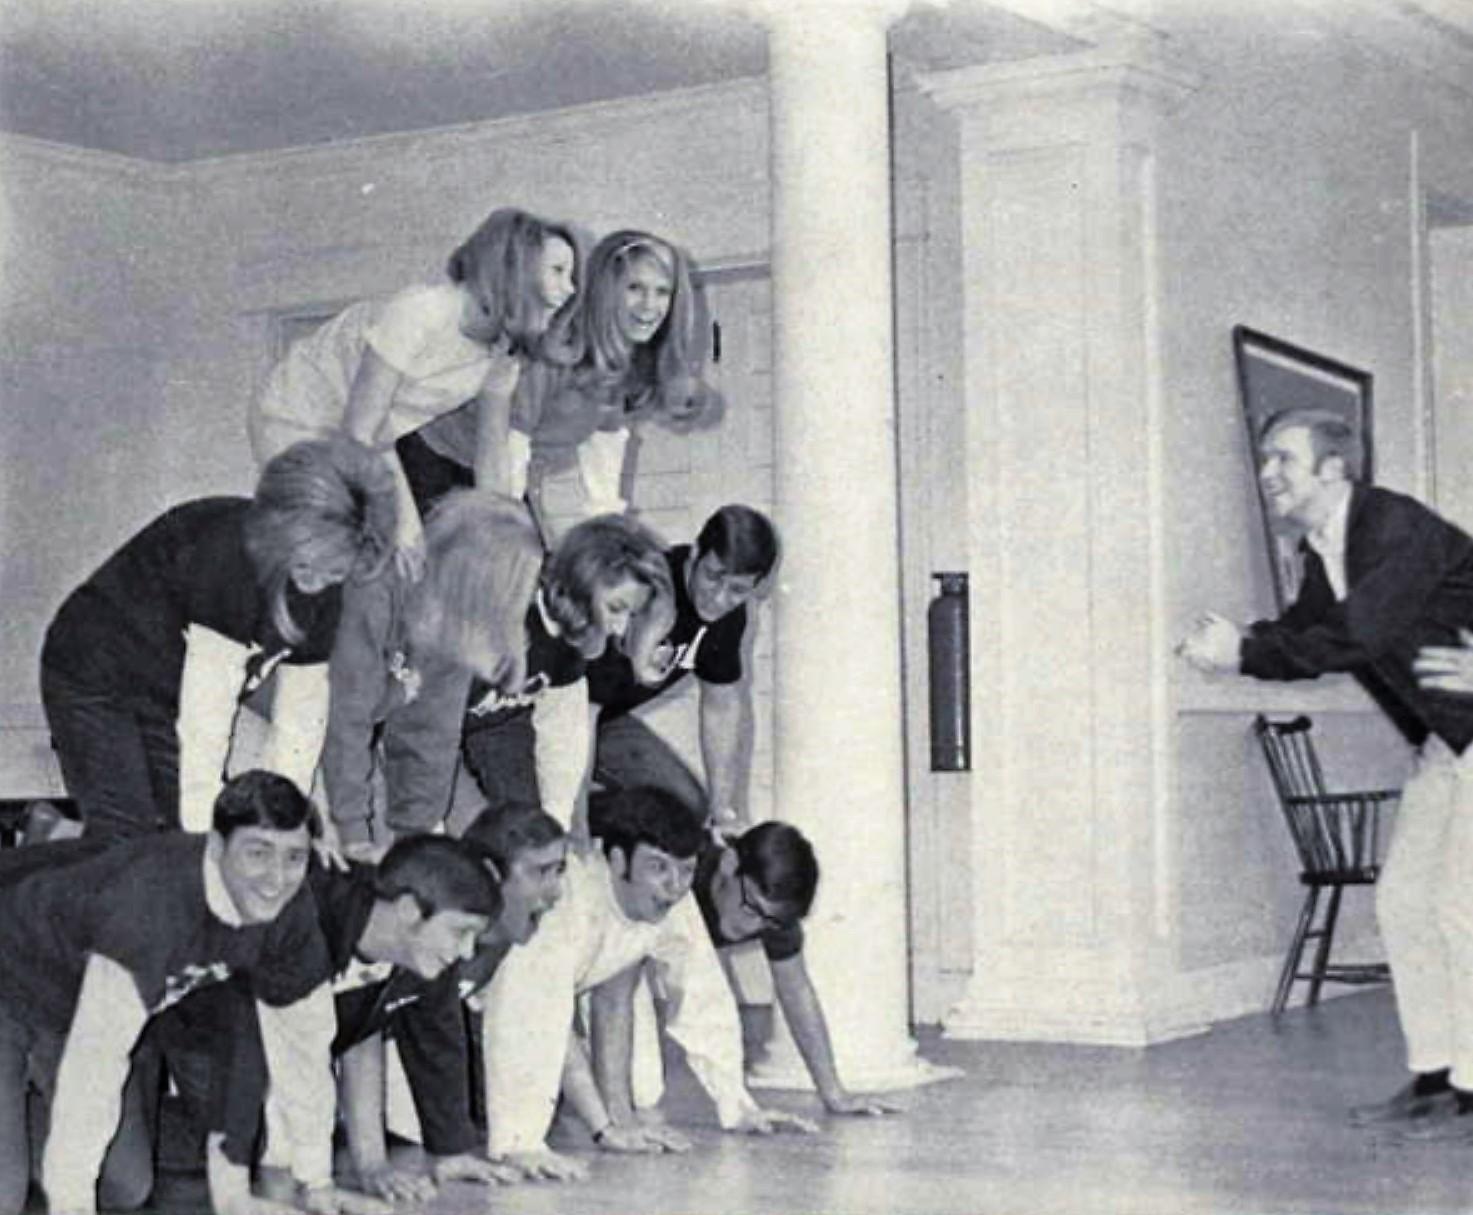 Circa 1969